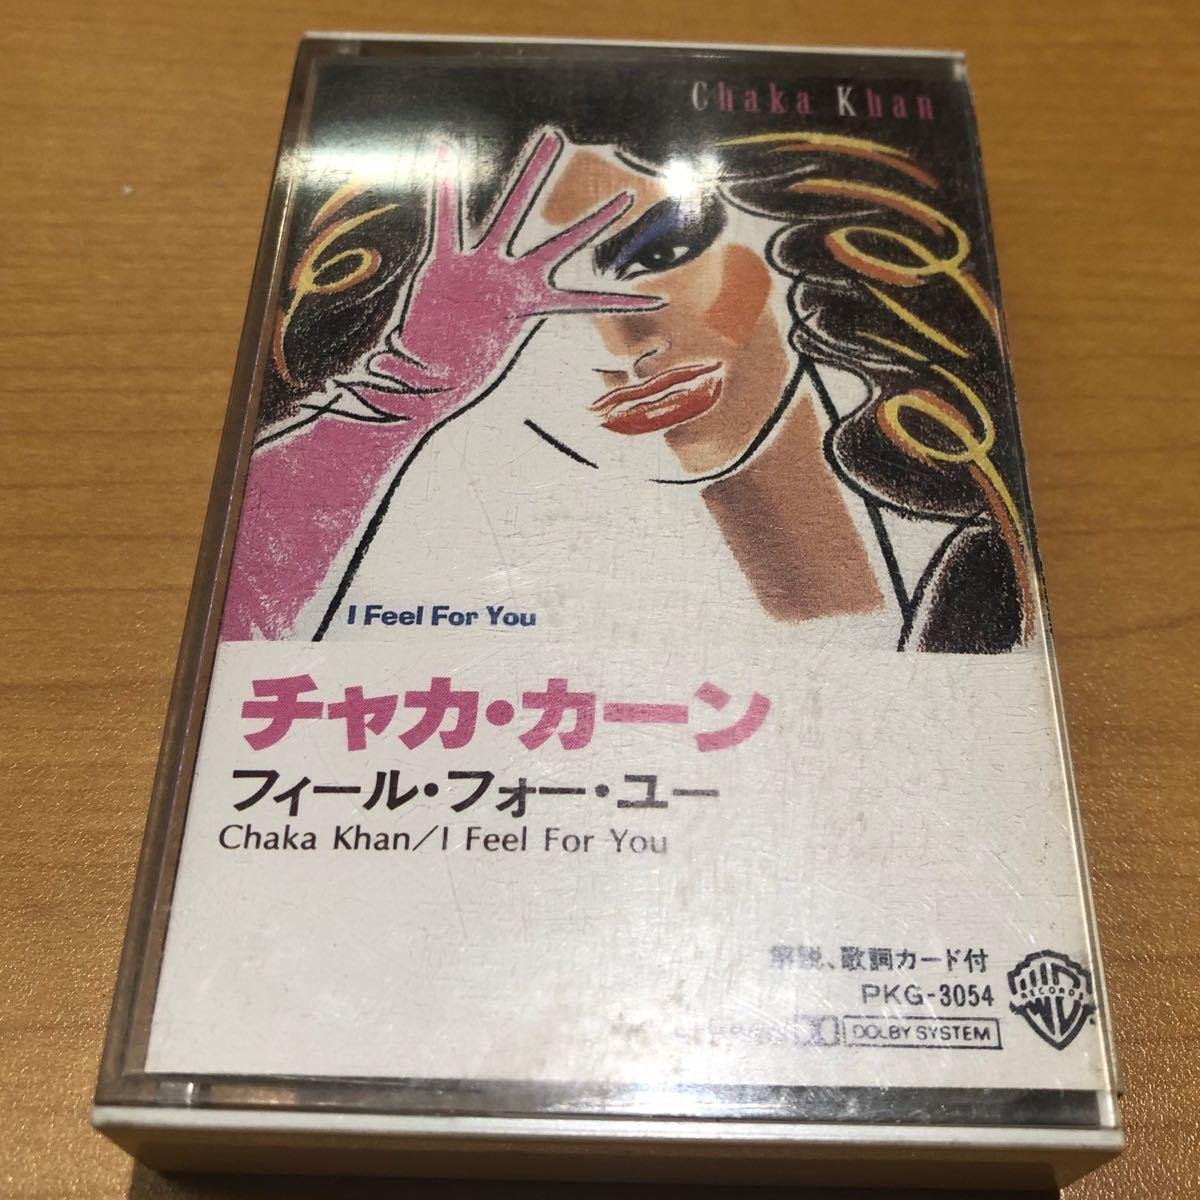 チャカ・カーン フィール・フォー・ユー カセットテープ